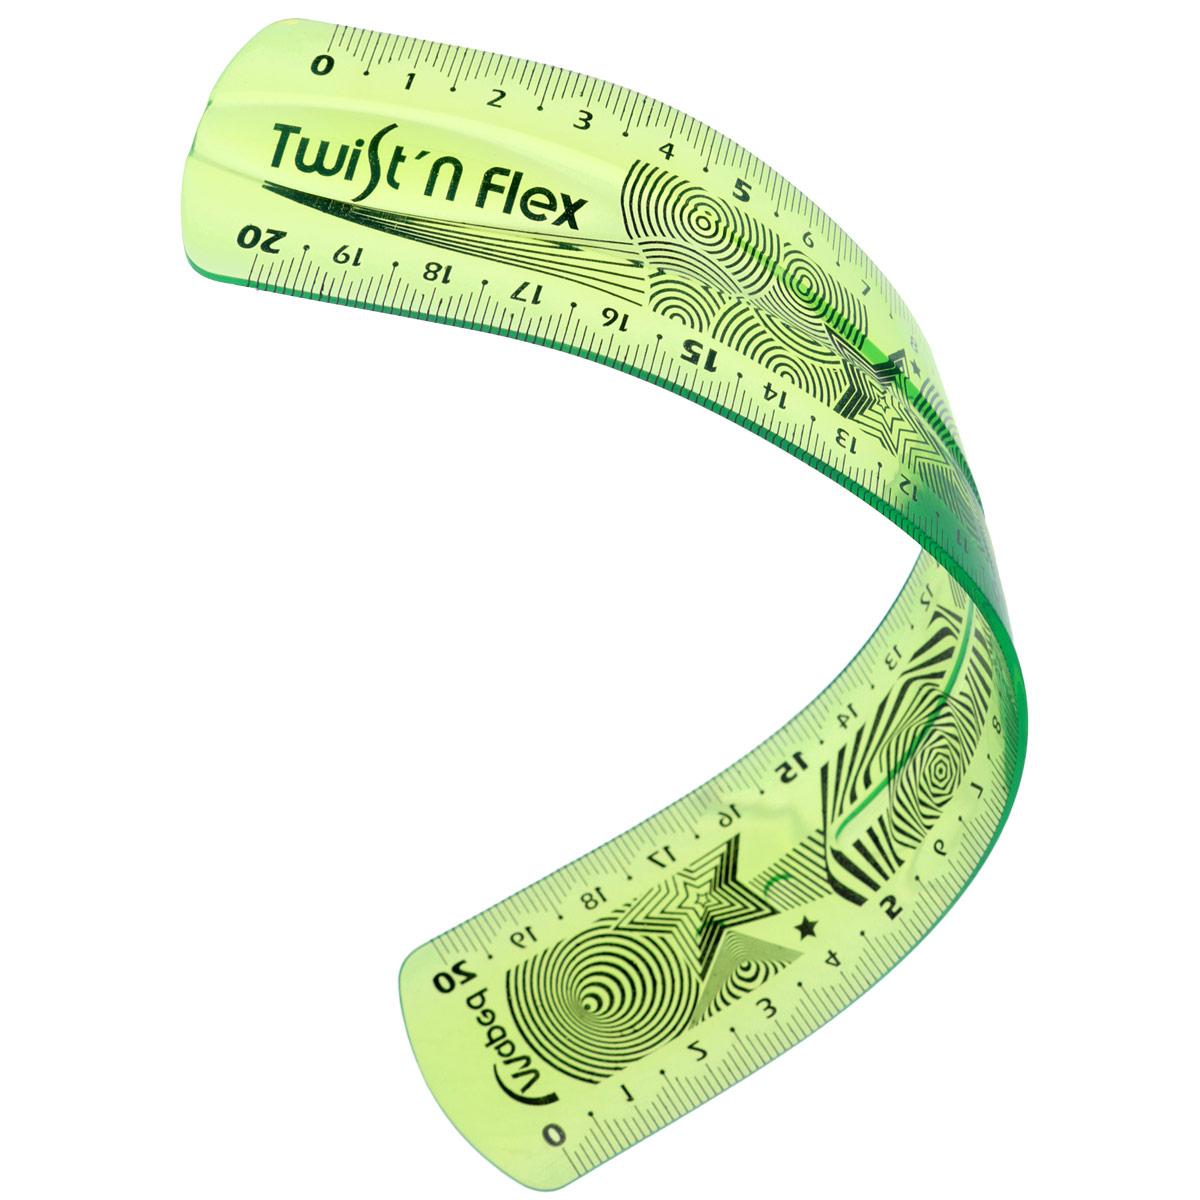 Линейка Maped Twistnflex, гибкая, цвет: зеленый, 20 см2010440Линейка Maped Twistnflex - это неломающаяся линейка, которую можно сгибать и скручивать неограниченное количество раз. После непродолжительного времени принимает первоначальную форму и не деформируется. Можно использовать как антистресс.